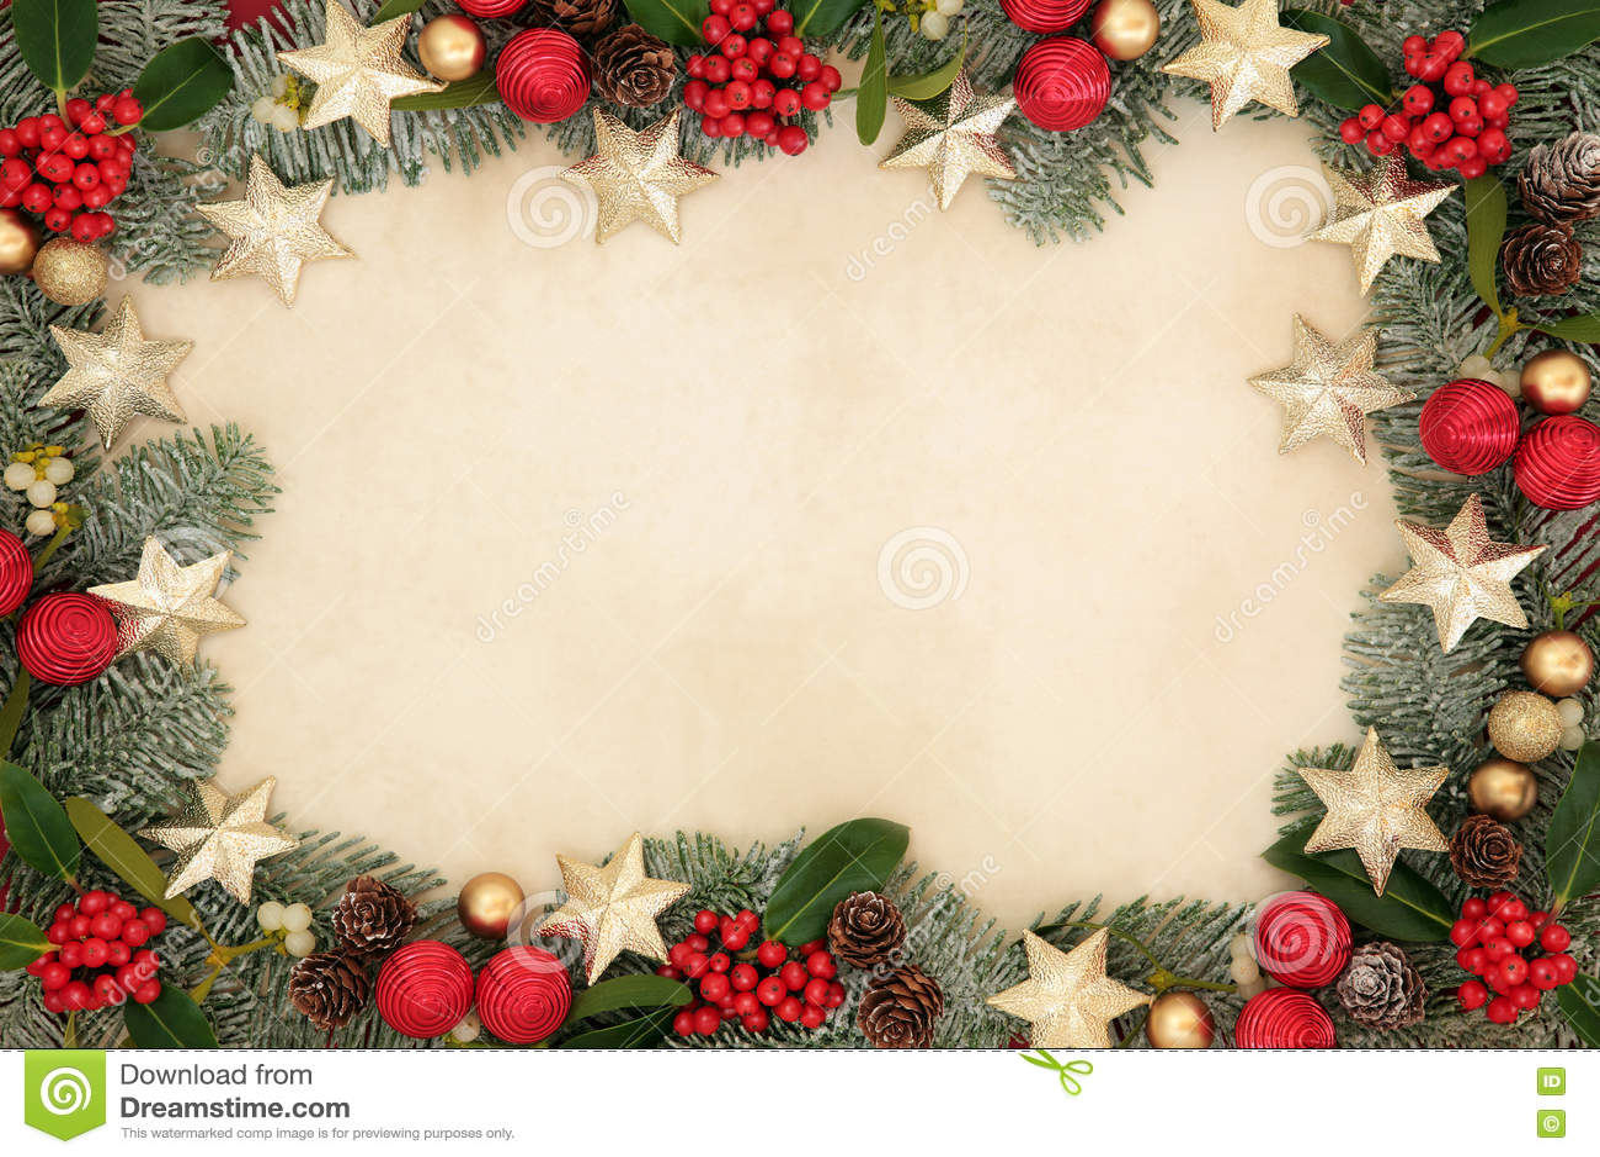 Weihnachtsstern-Hintergrund-Grenze Stockbild - Bild von dekoration ...